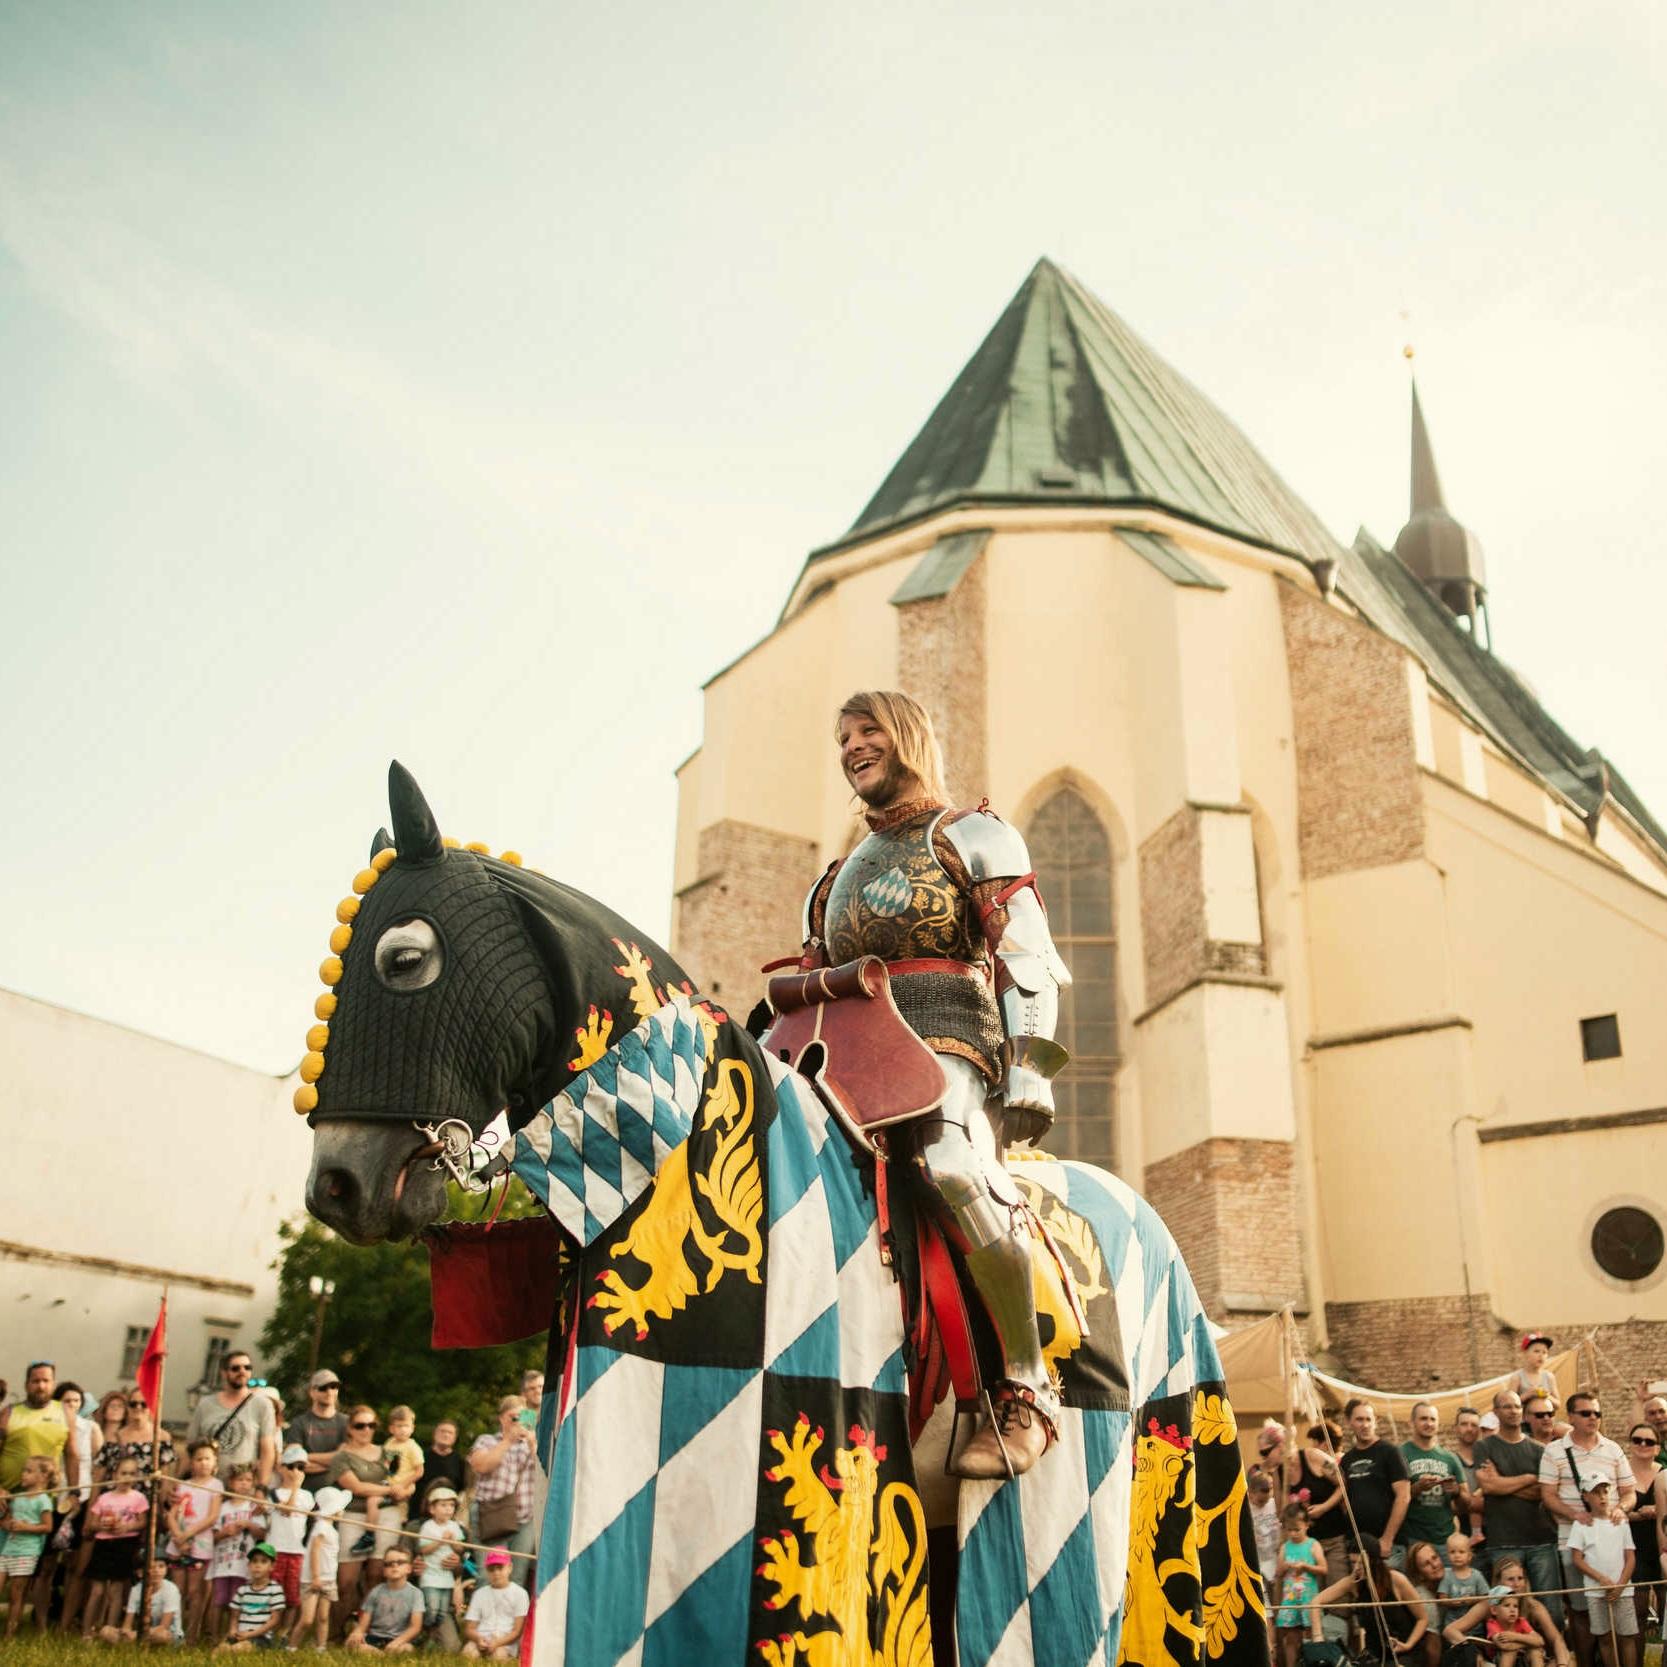 Mestské slávnosti - Dobový sprievod s historickými postavami, oslavy prvej písomnej zmienky obce alebo stredoveký deň detí? Oslovte nás!